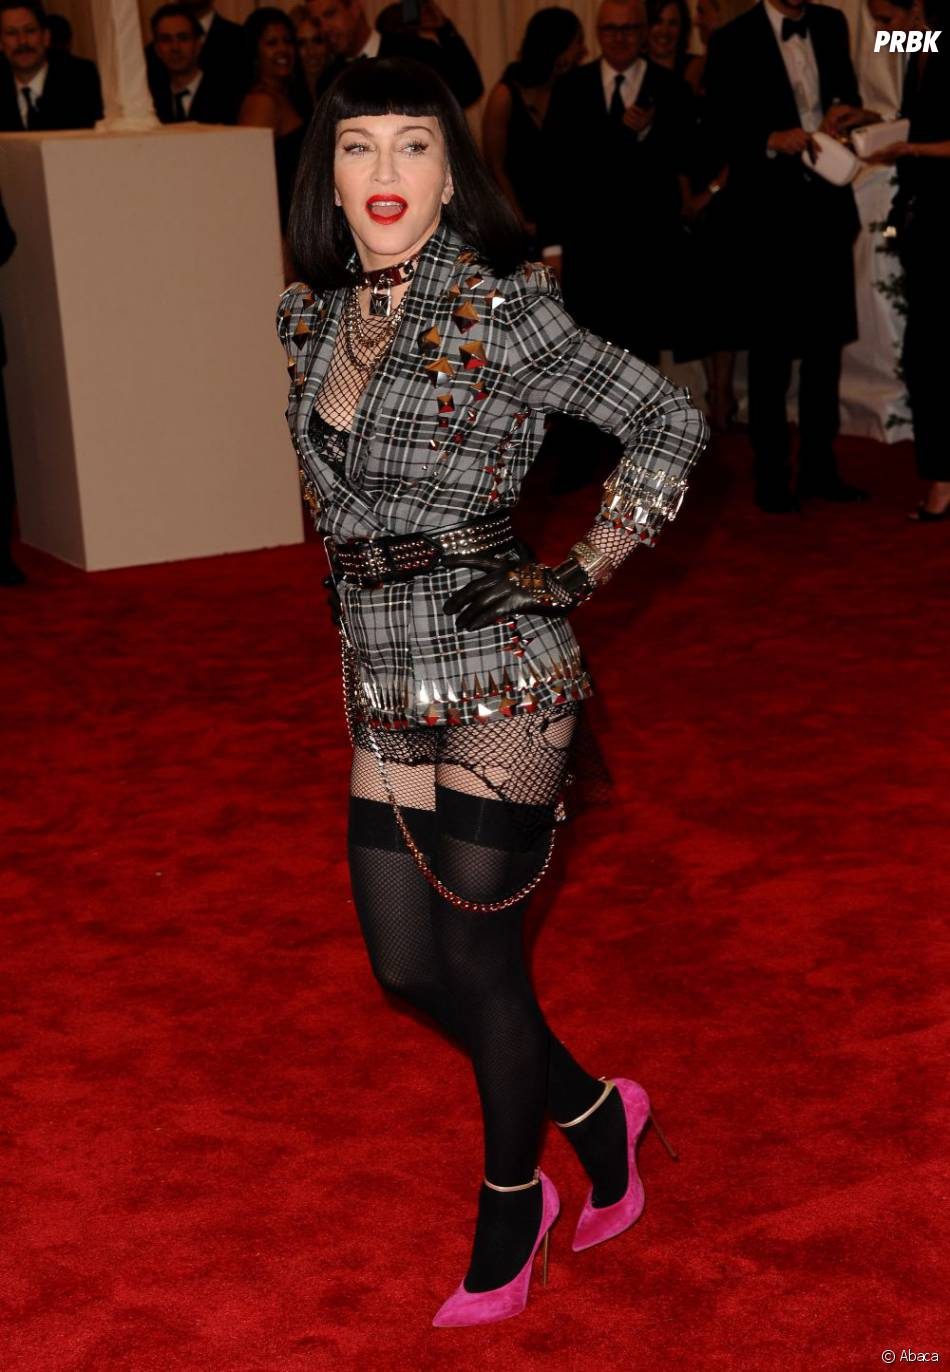 Madonna décidée à voler la vedette aux autres people